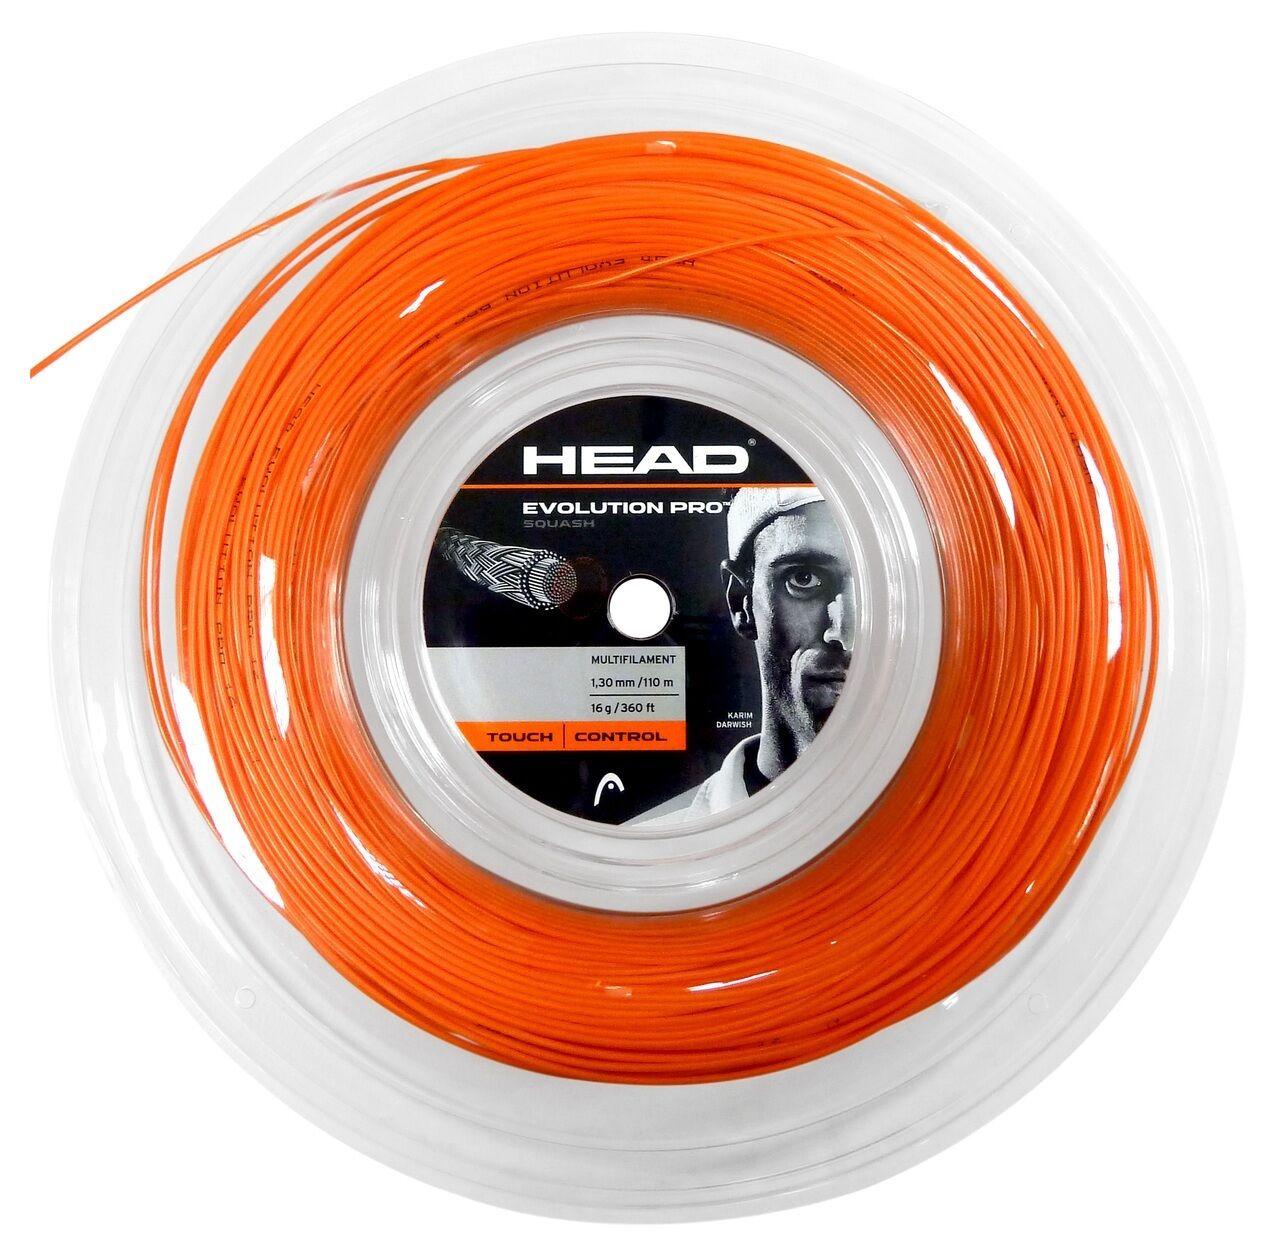 COVER Stringa HEAD EVOLUTION PRO 110m Squash Stringa COVER REEL (disponibile in arancione e nera) 0fdc2a